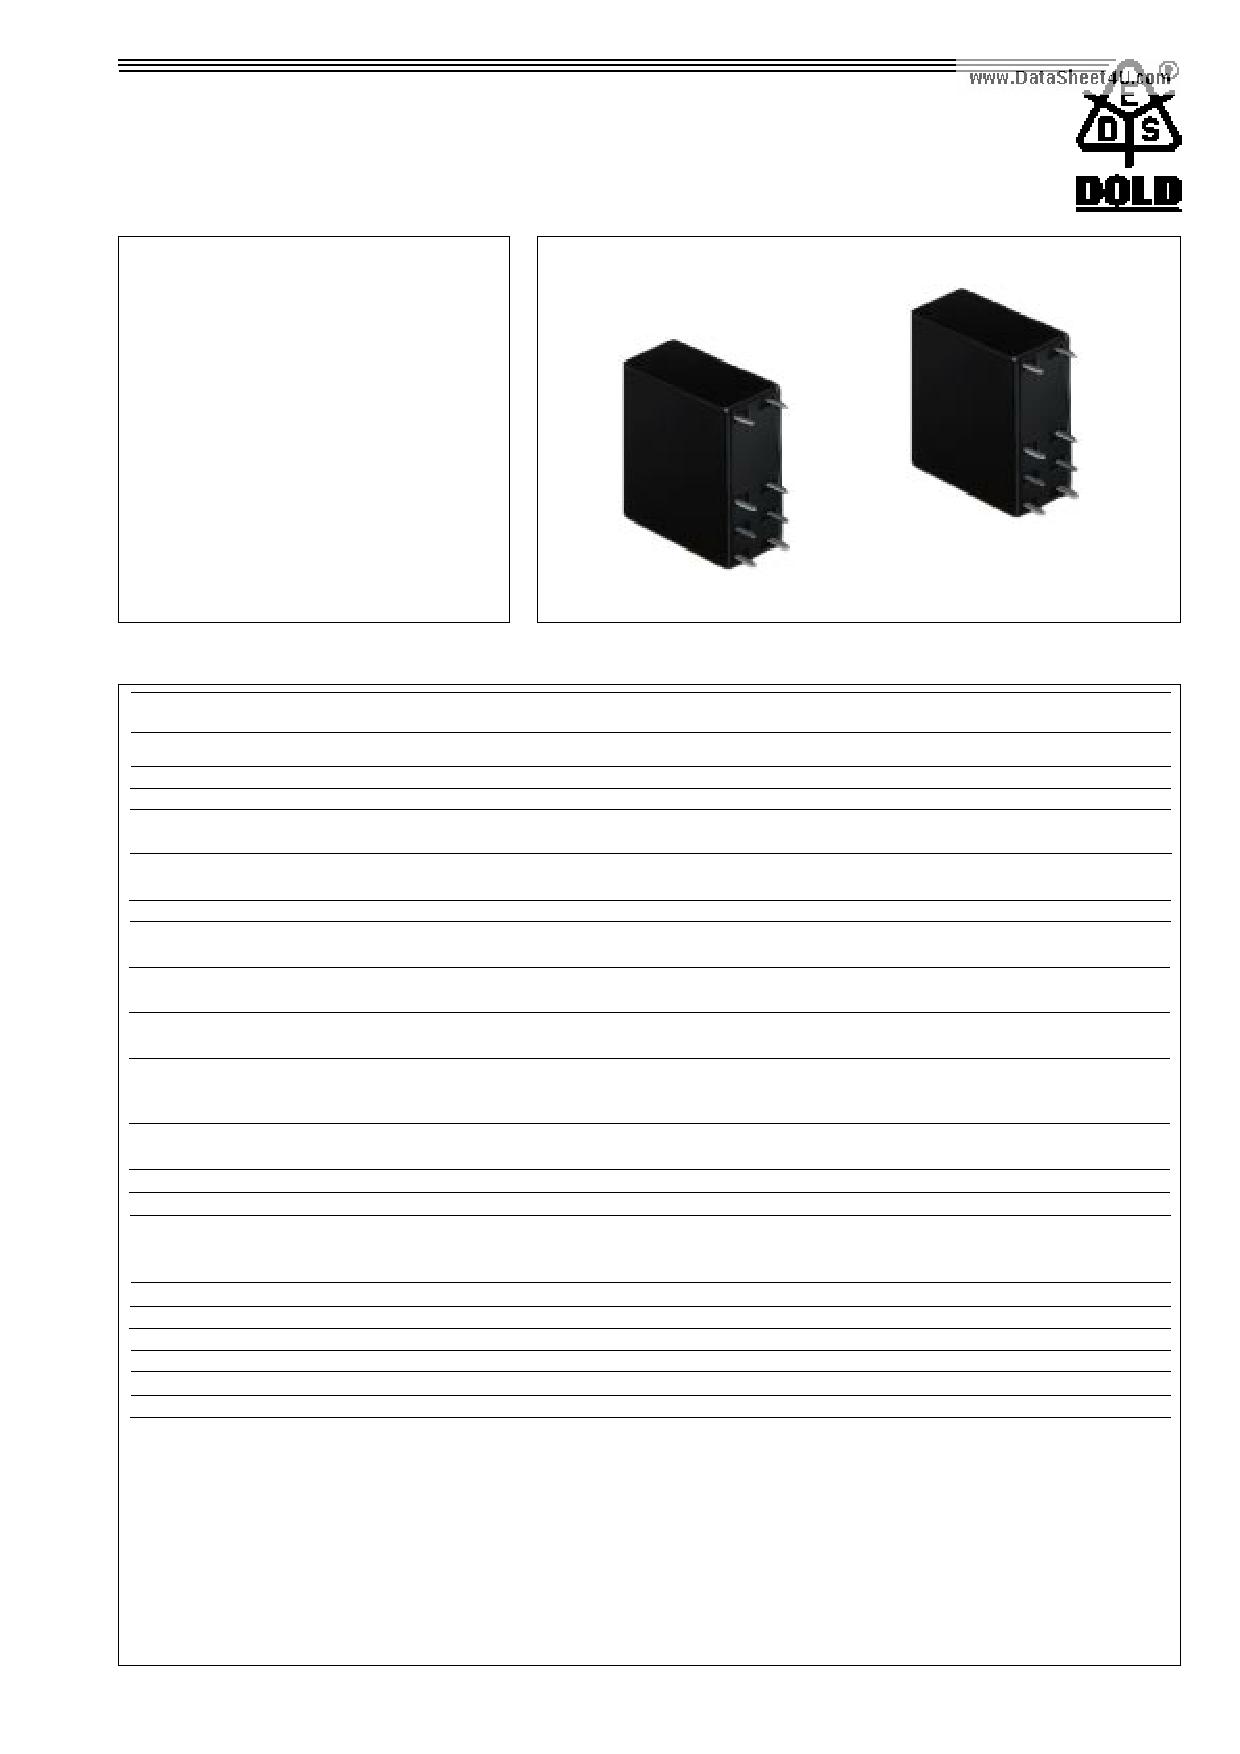 OA5669 Hoja de datos, Descripción, Manual